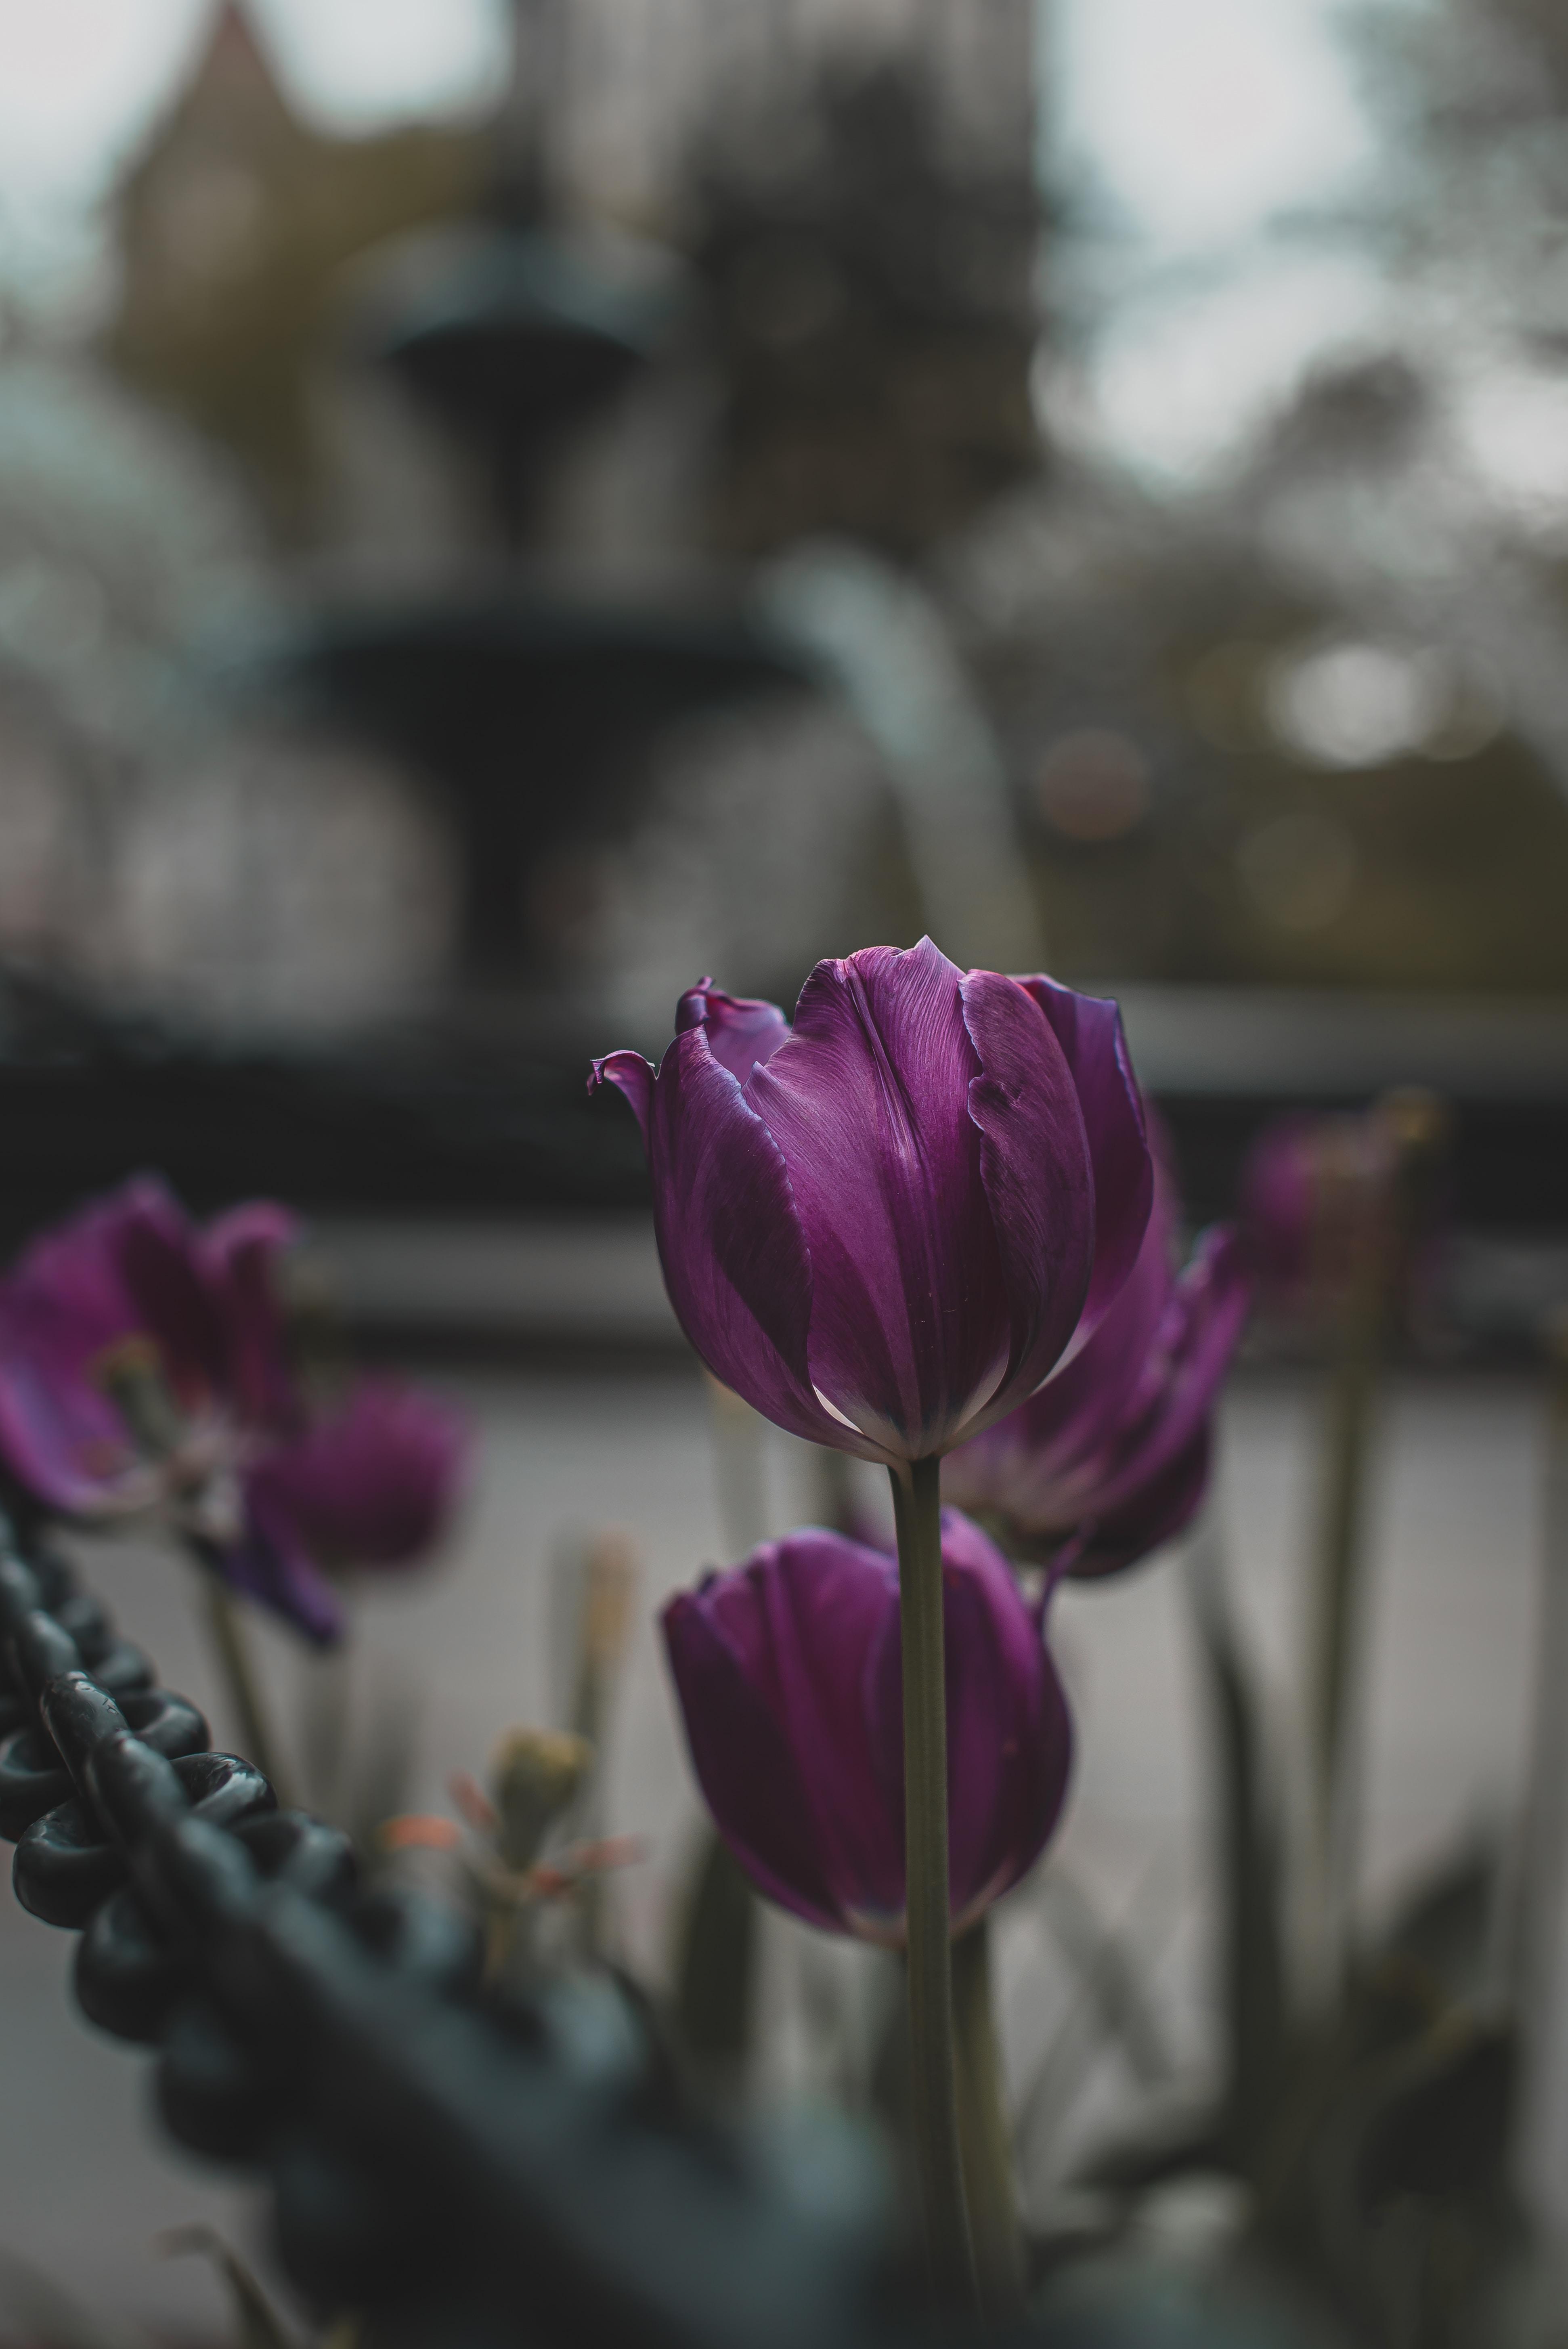 133006 скачать обои Цветы, Фиолетовый, Растения, Цветение, Тюльпаны - заставки и картинки бесплатно